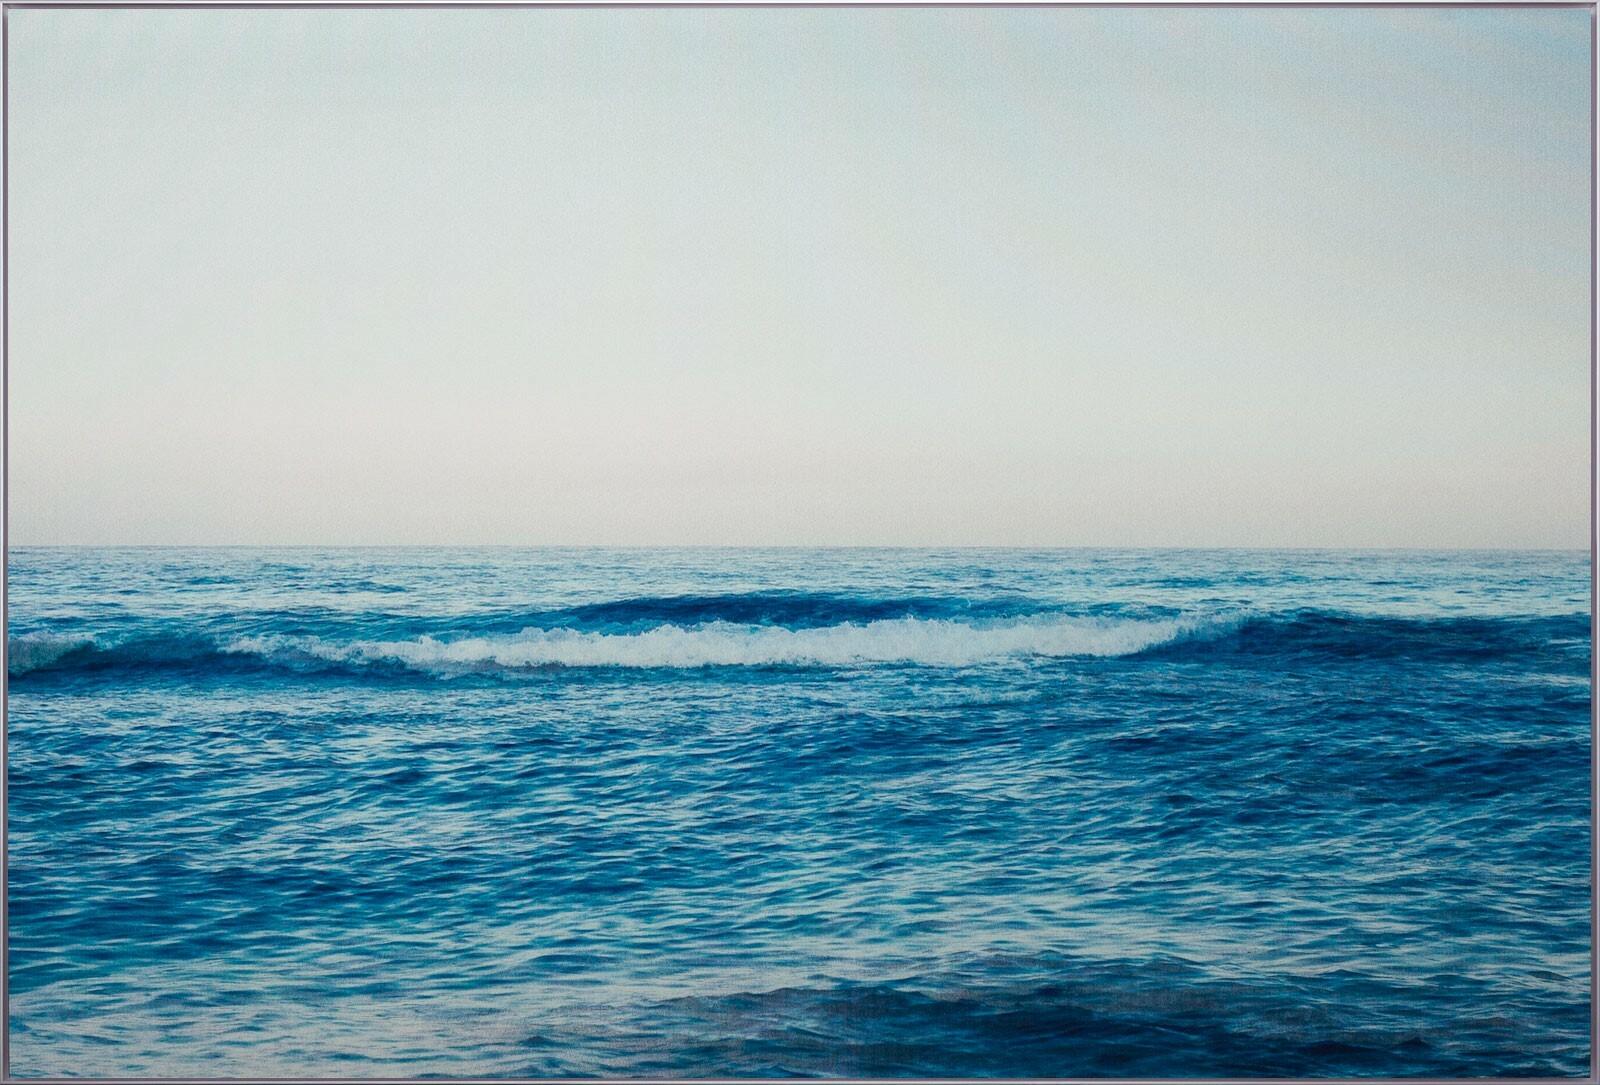 Seesaw Seascape IV - Wolfgang Uhlig